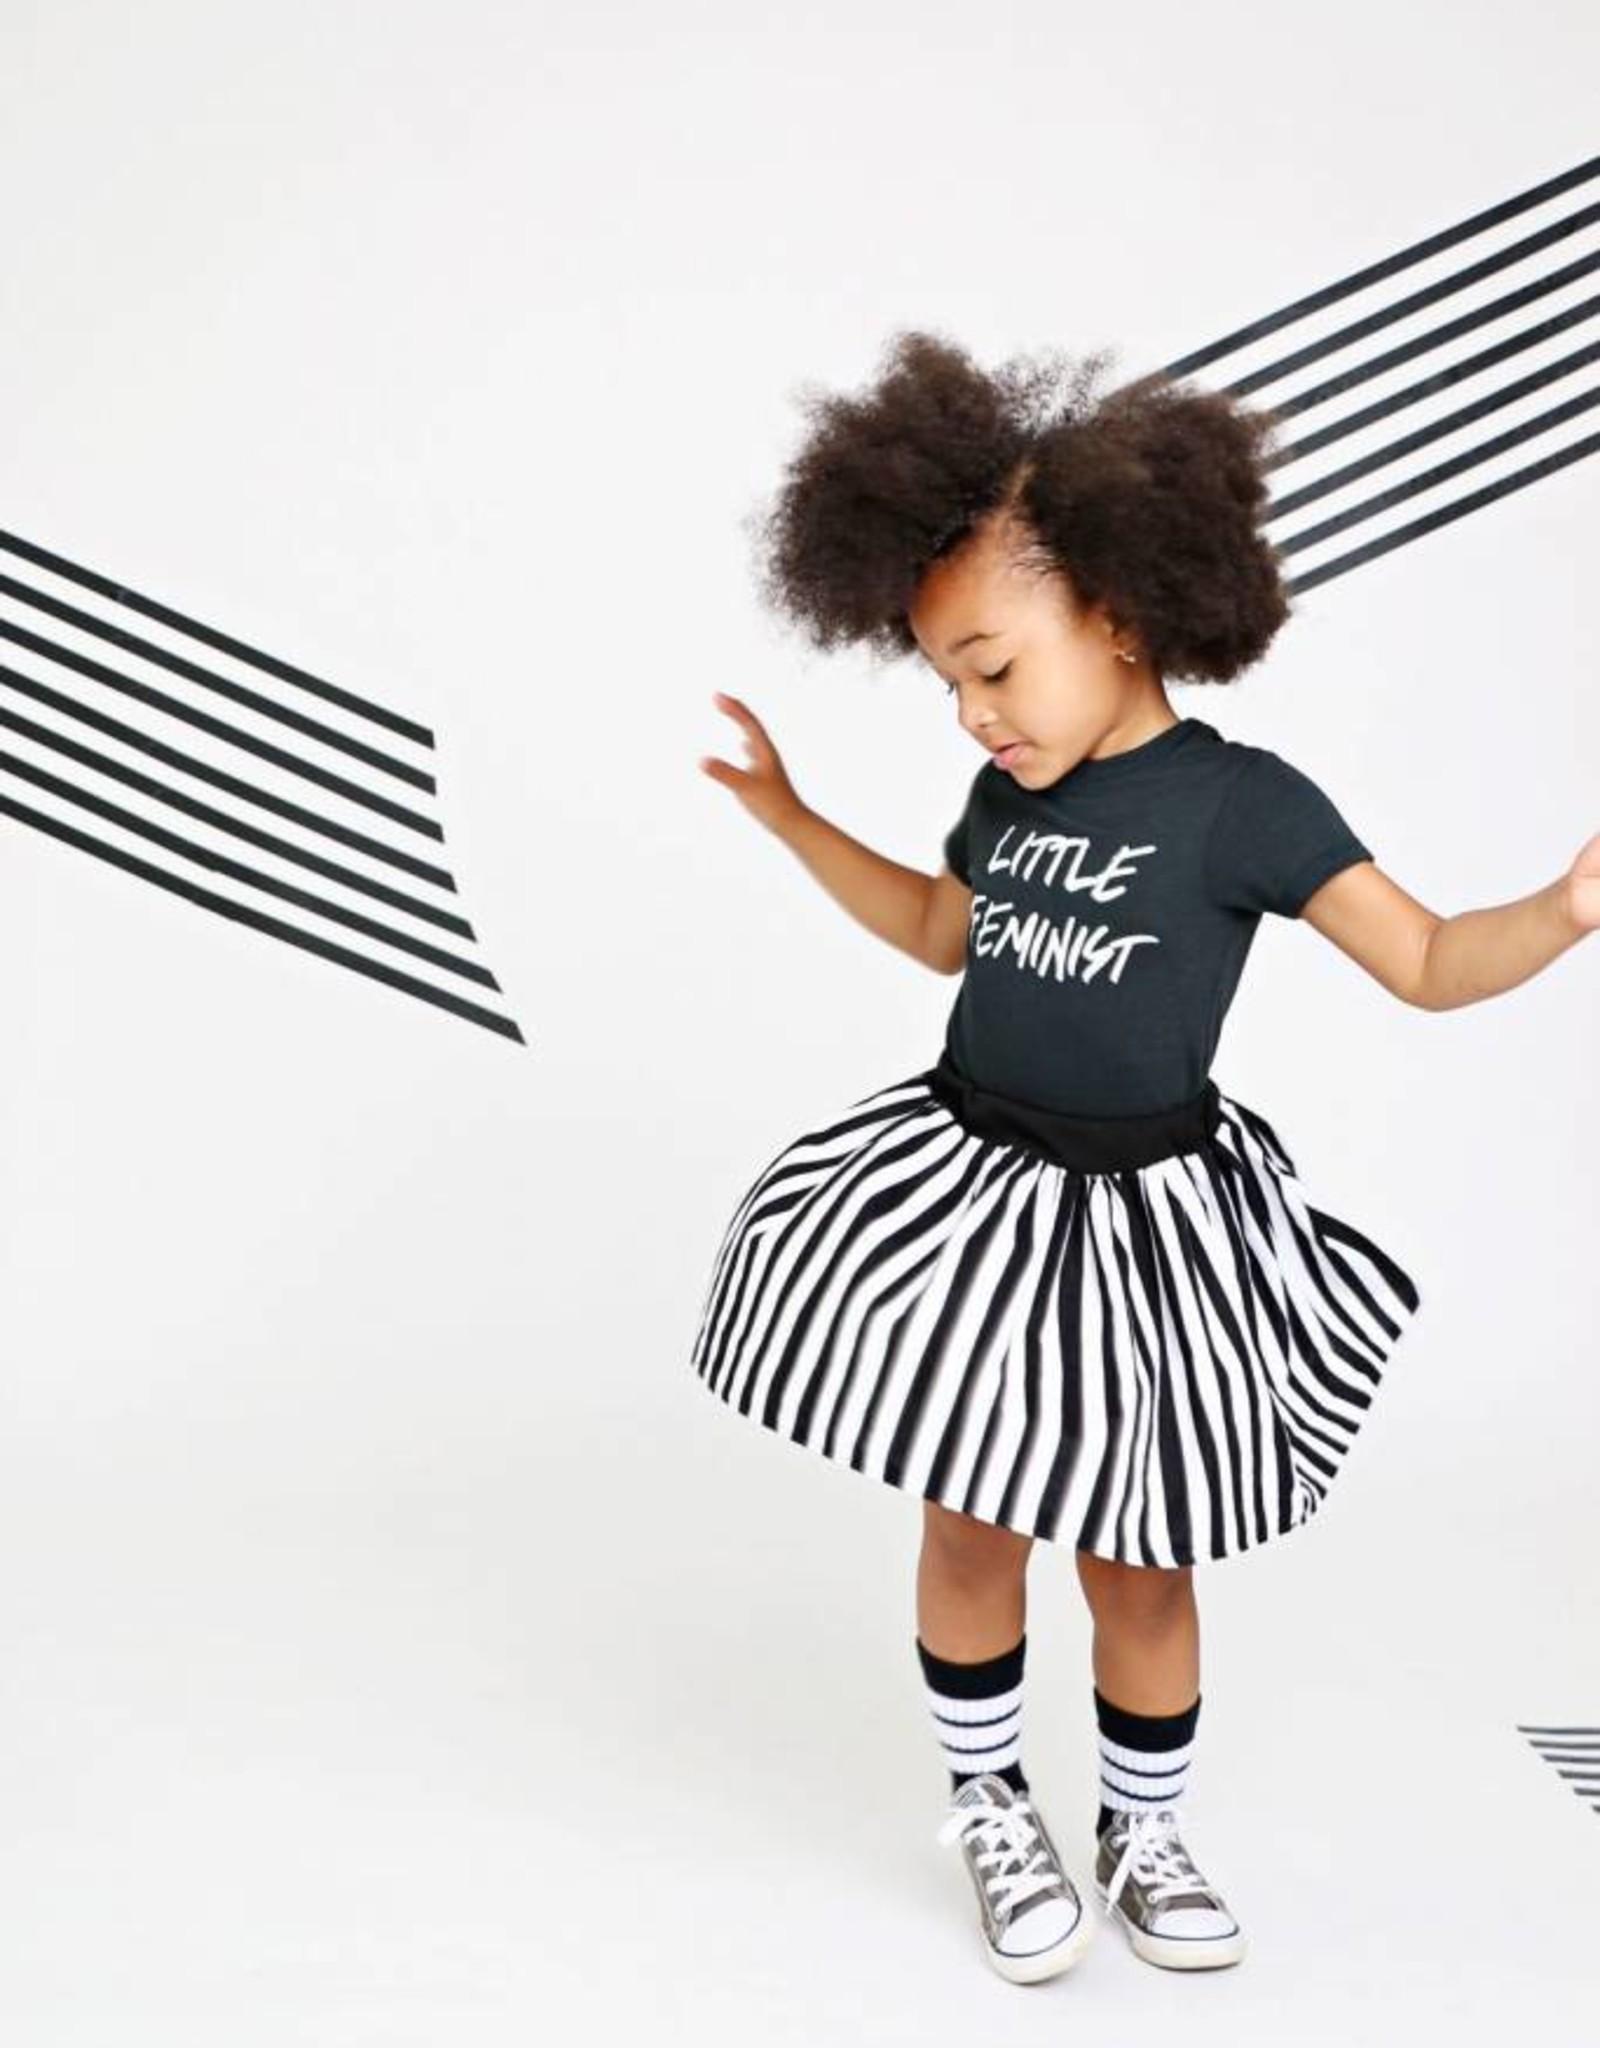 Love Bubby Little Feminist T-Shirt - Kids Sizes